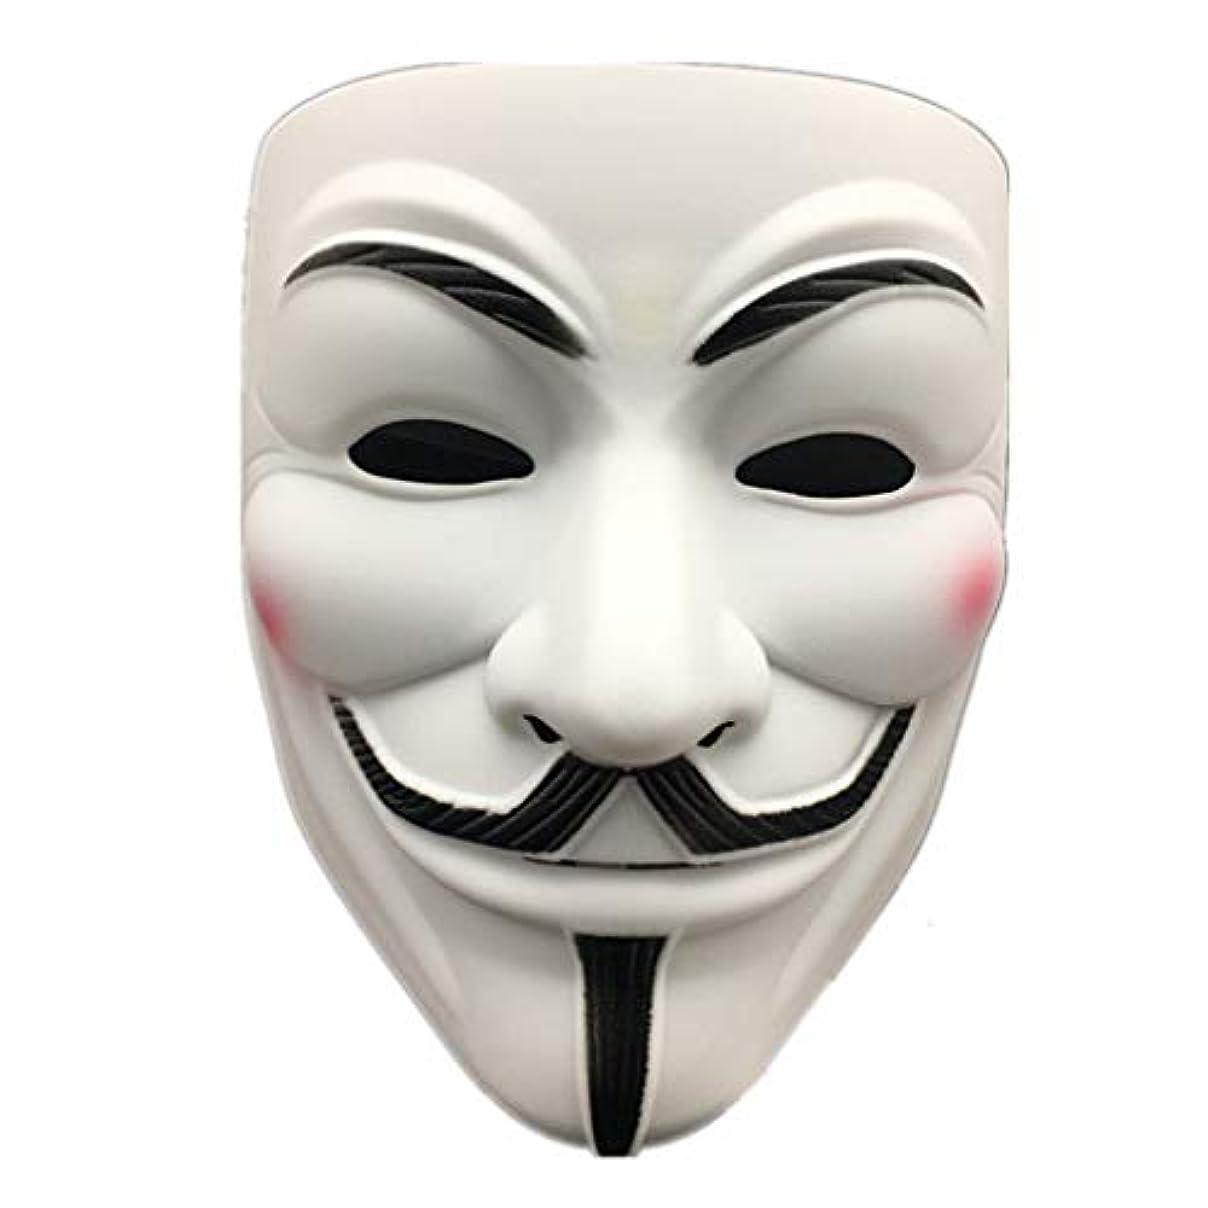 ショッピングセンター加害者ロイヤリティハロウィンマスクフルフェイスストリートダンス振動マスク仮装変なマスクダンスマスク